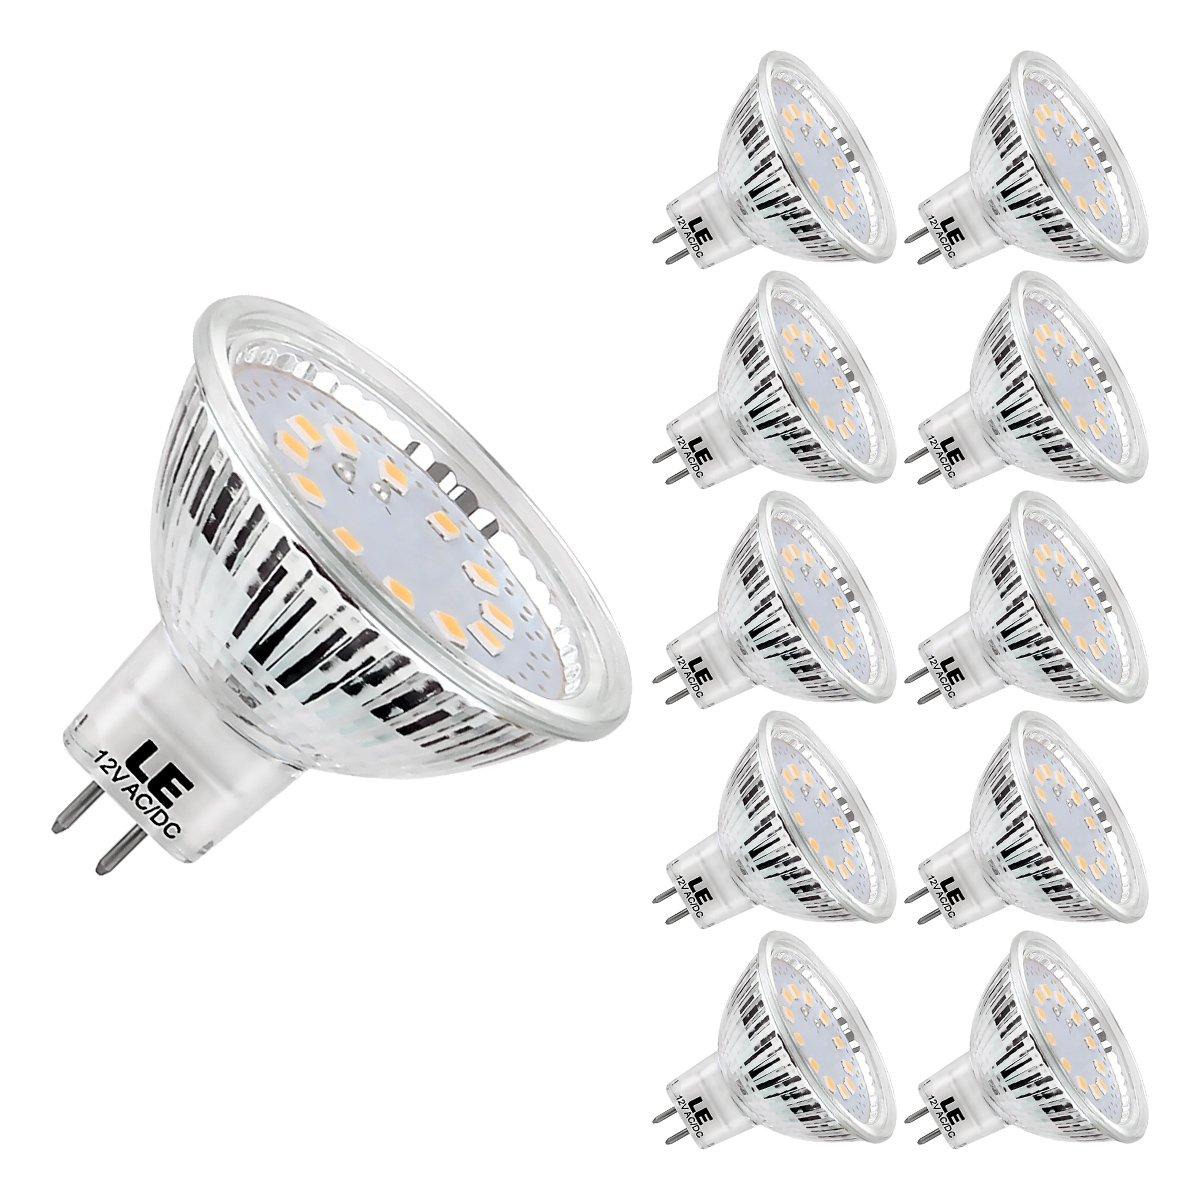 LE Bombillas GU5.3 LED 3,5W=35W Halógena 280lm, Blanco cálido 2700K, Pack de 10 bombillas LED GU5.3: Amazon.es: Iluminación